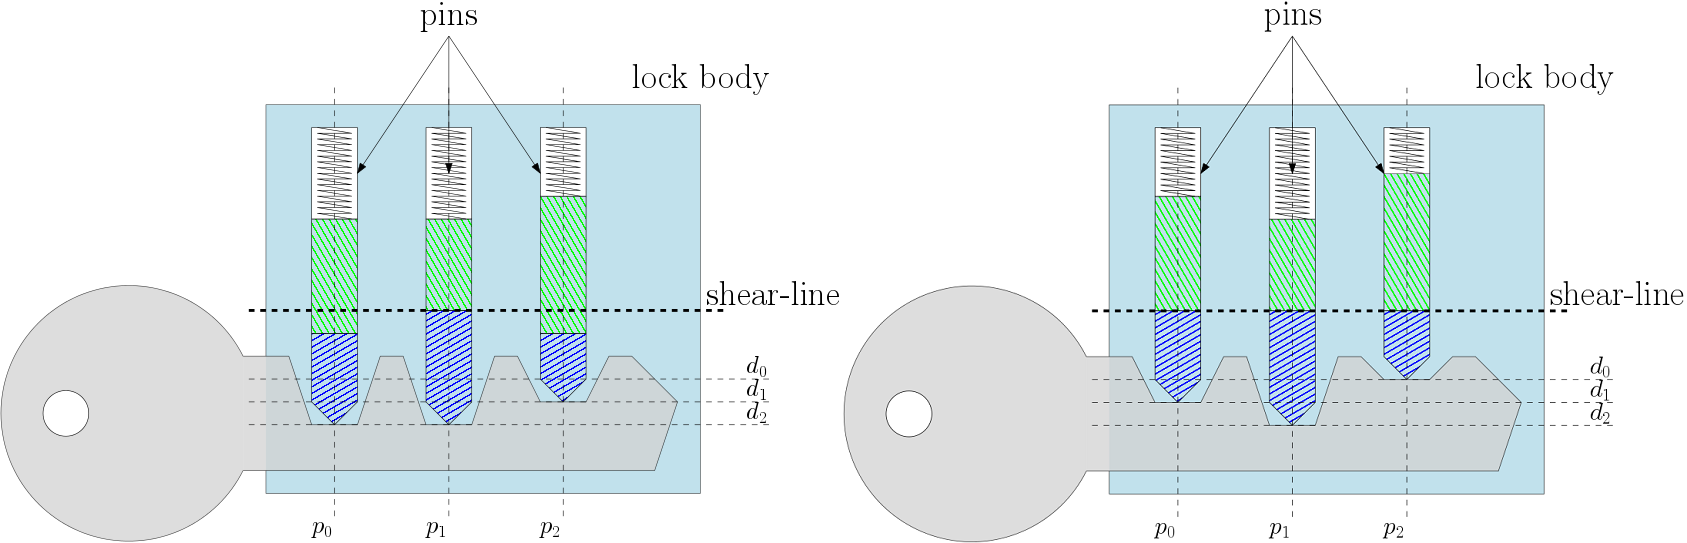 lock-schema-both